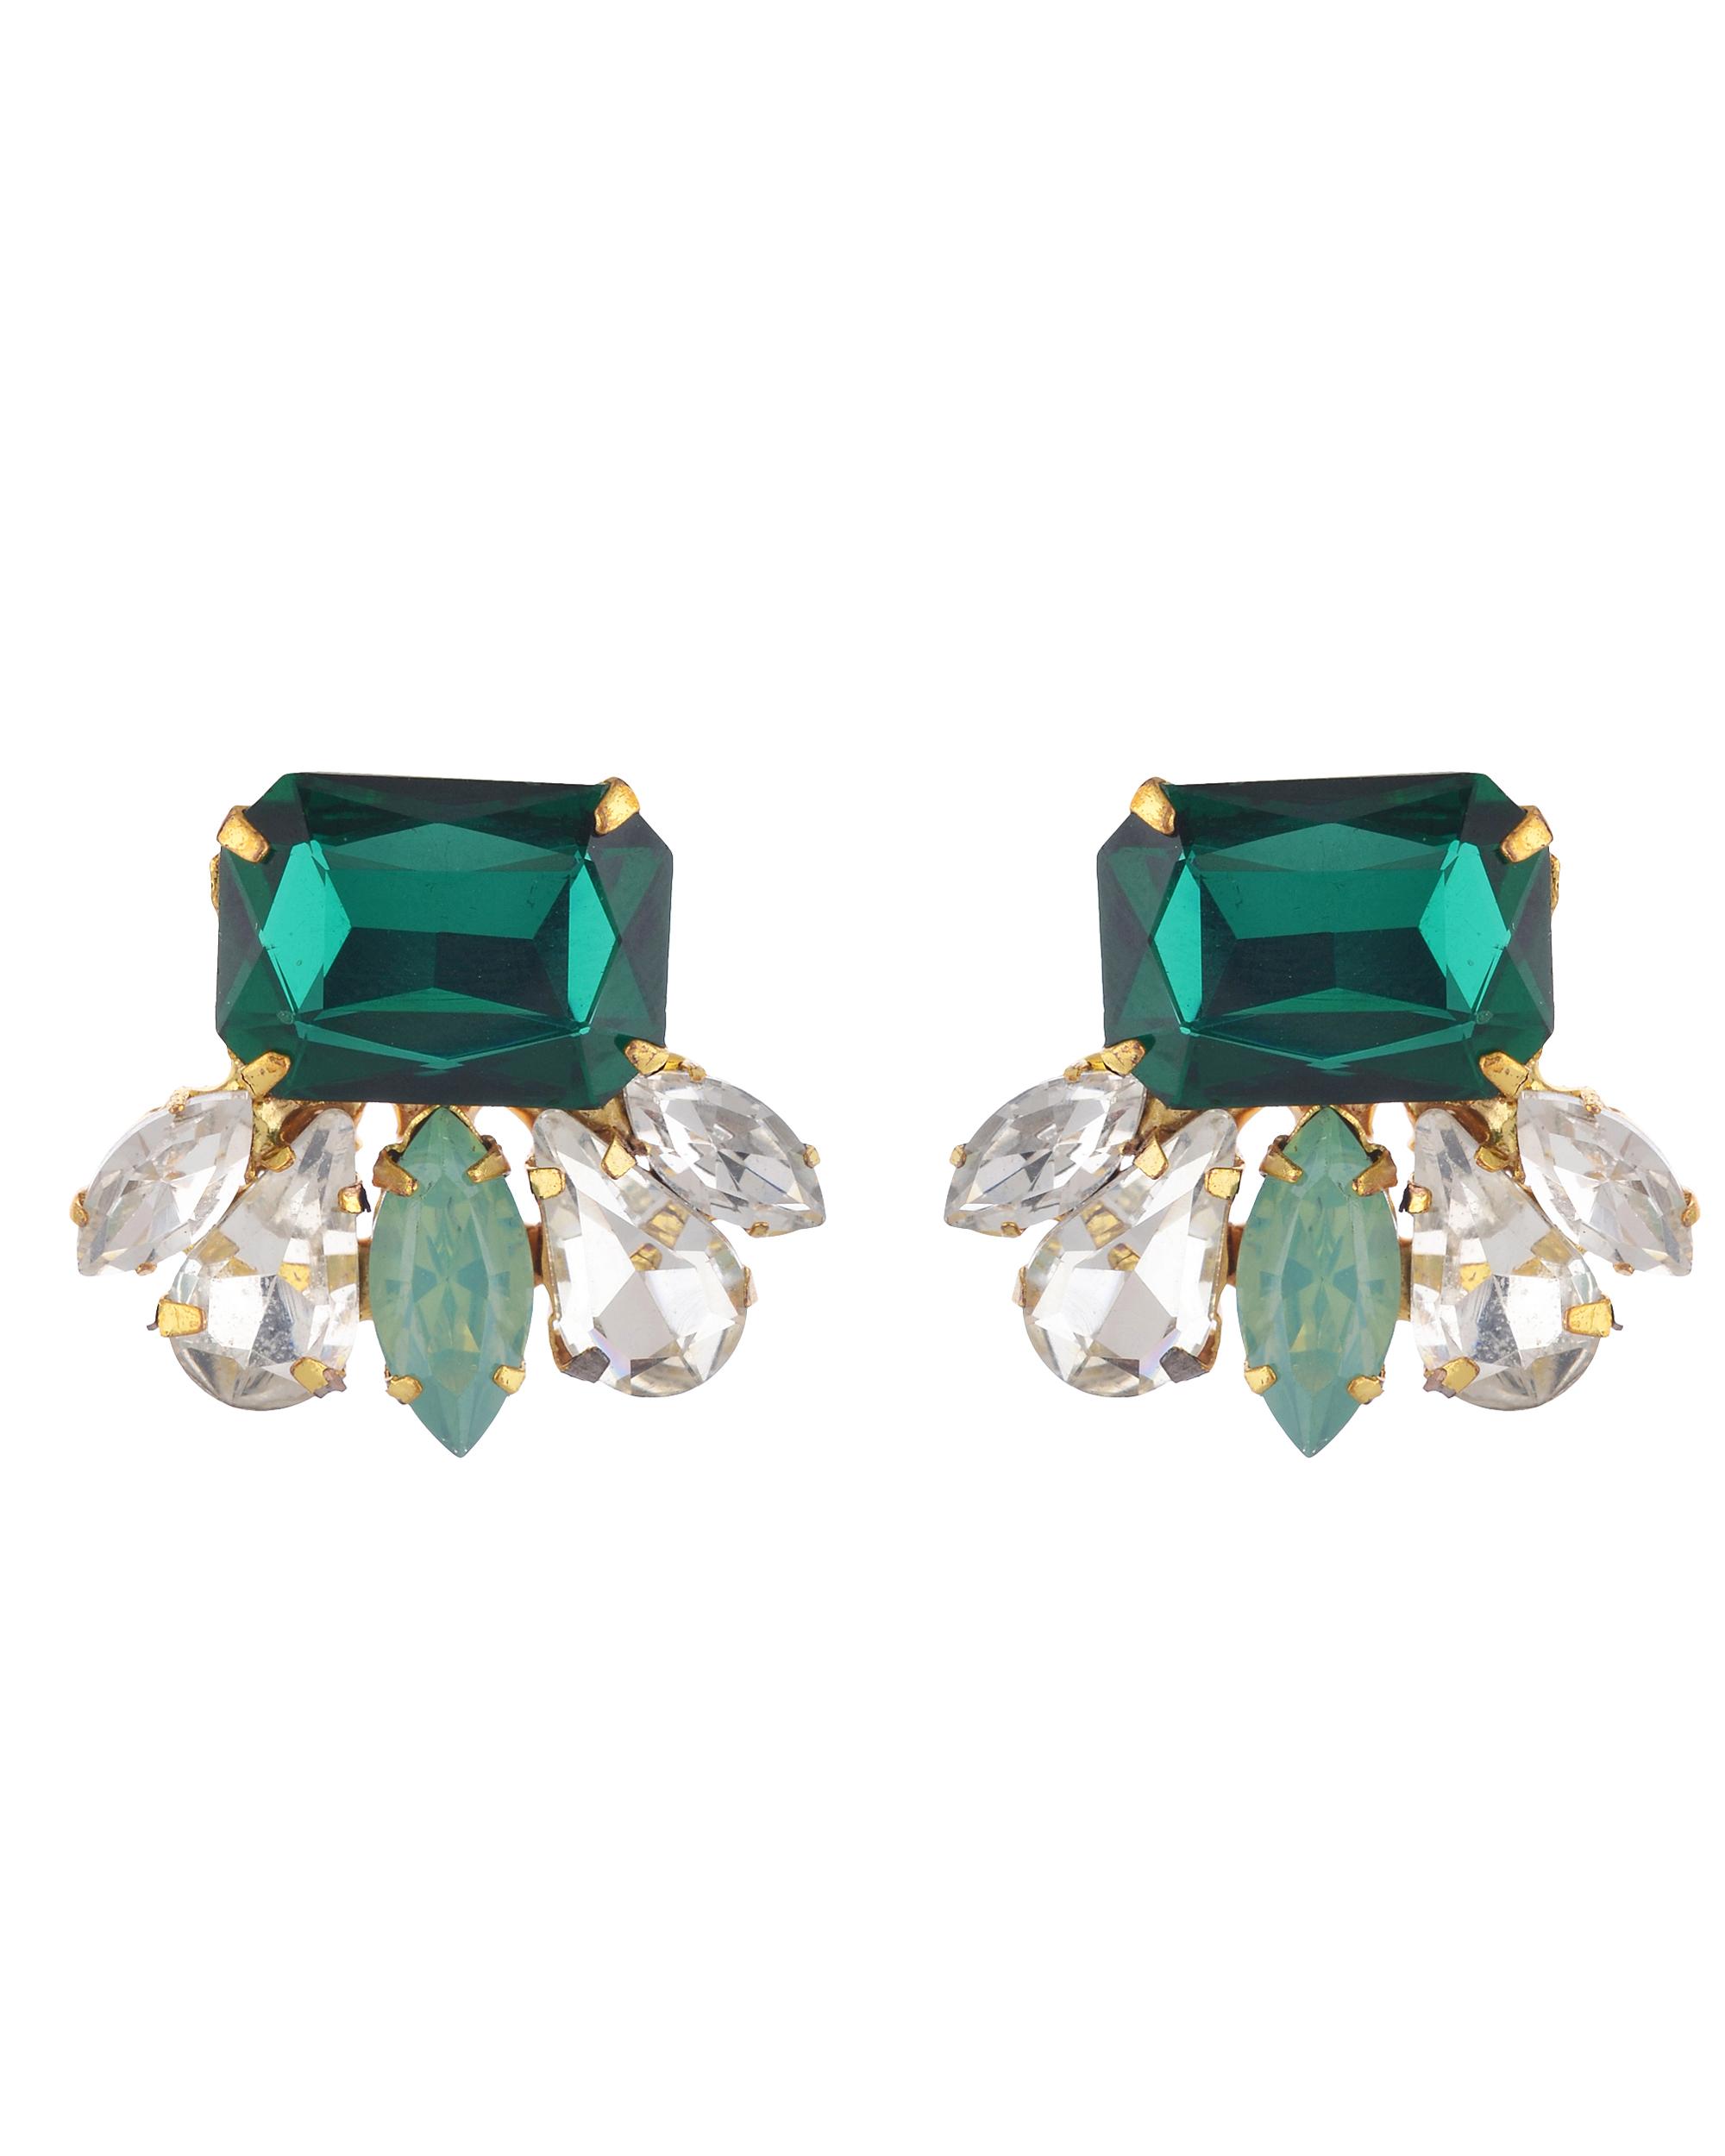 ebe3f0625 Emerald Green Swarovski Stud Earrings by Bella Vistas | The Secret Label